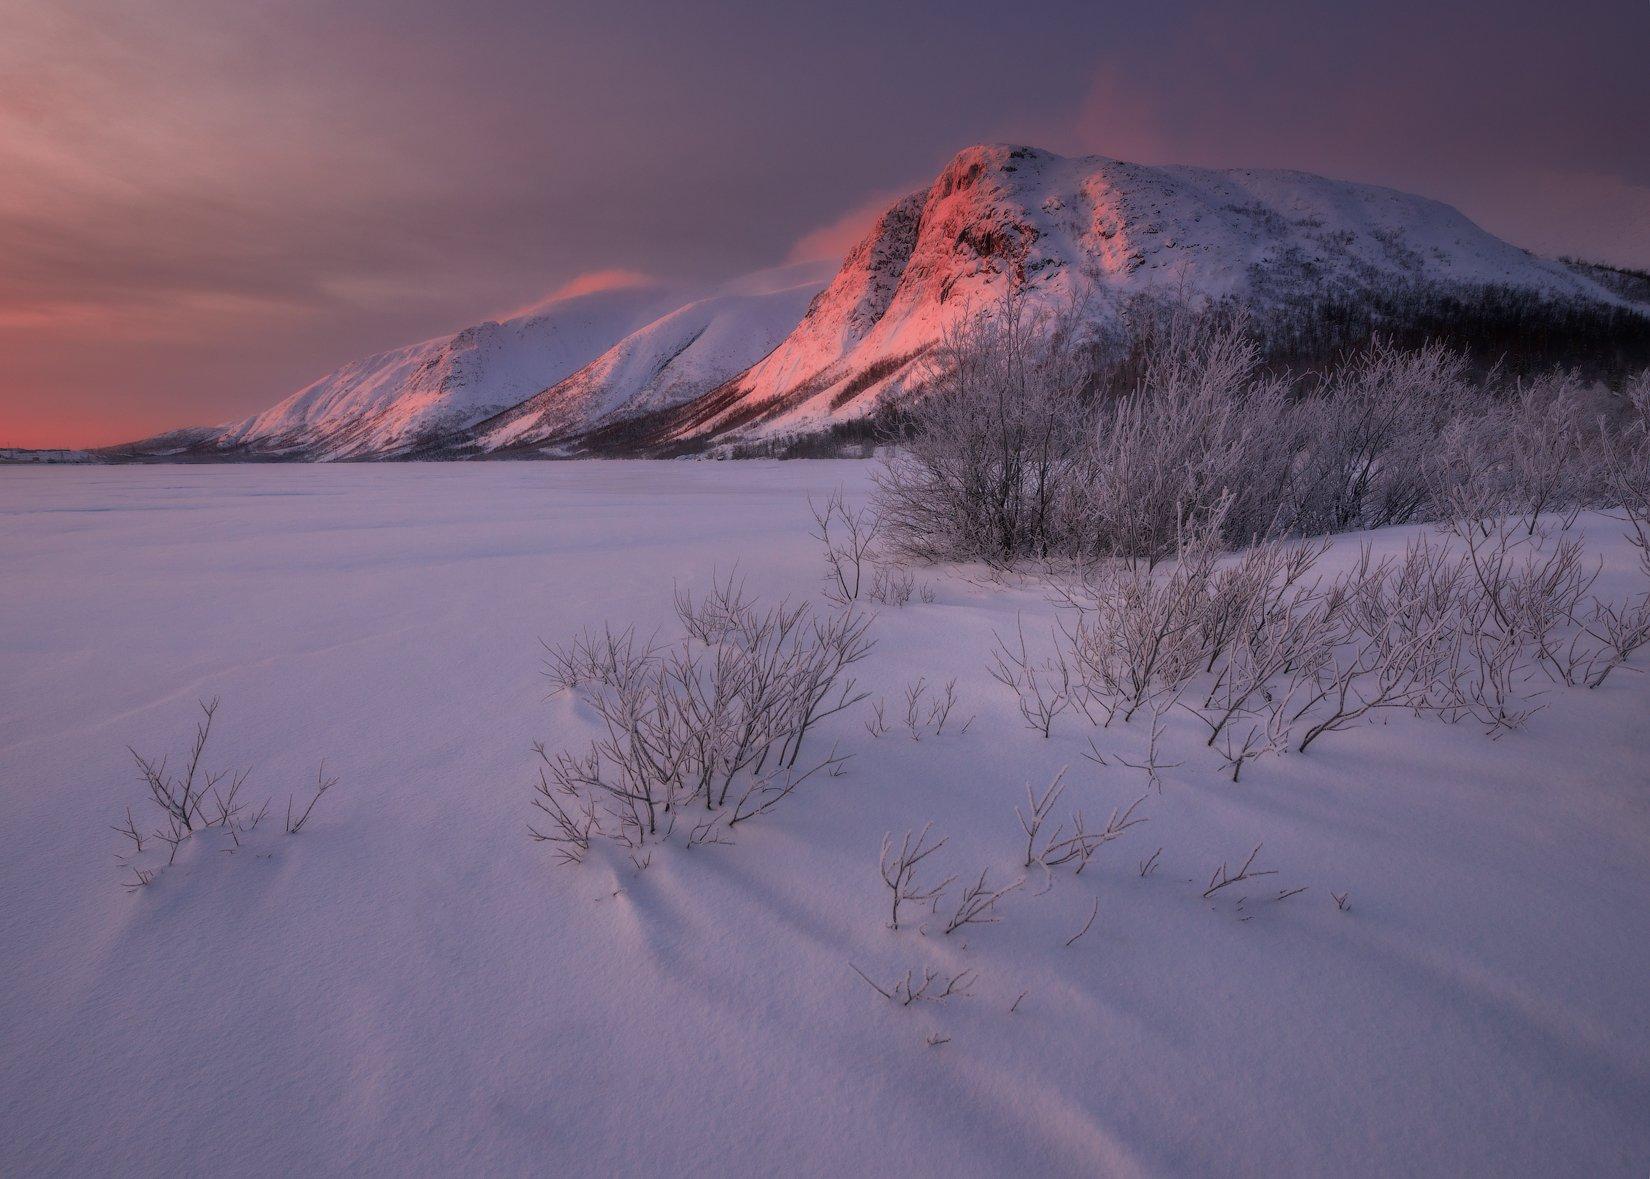 пейзаж,россия,хибины,горы,кольский,север,зима,небо,рассвет, Истомин Виталий